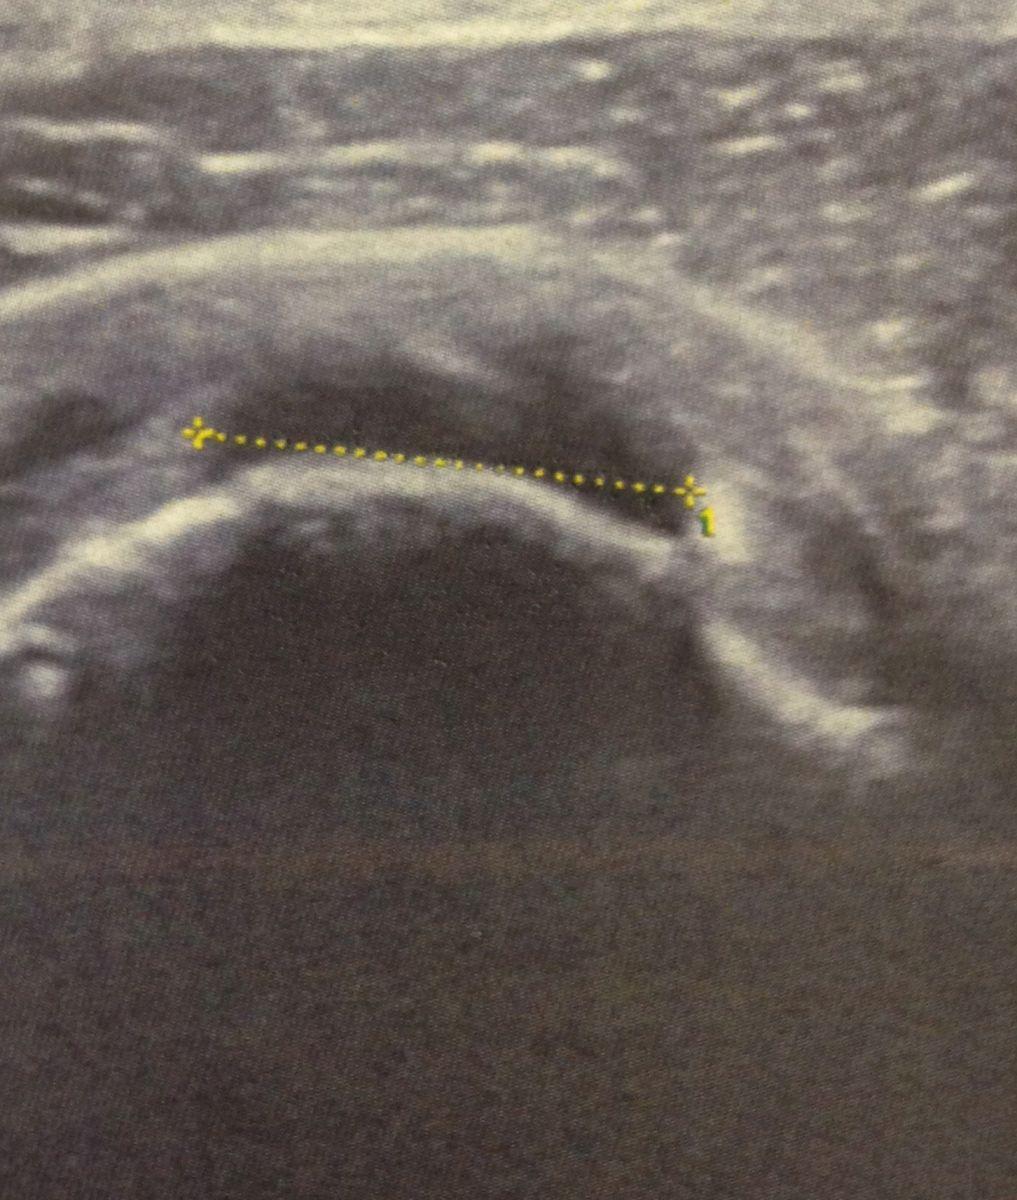 Examens de l'épaule : échographie